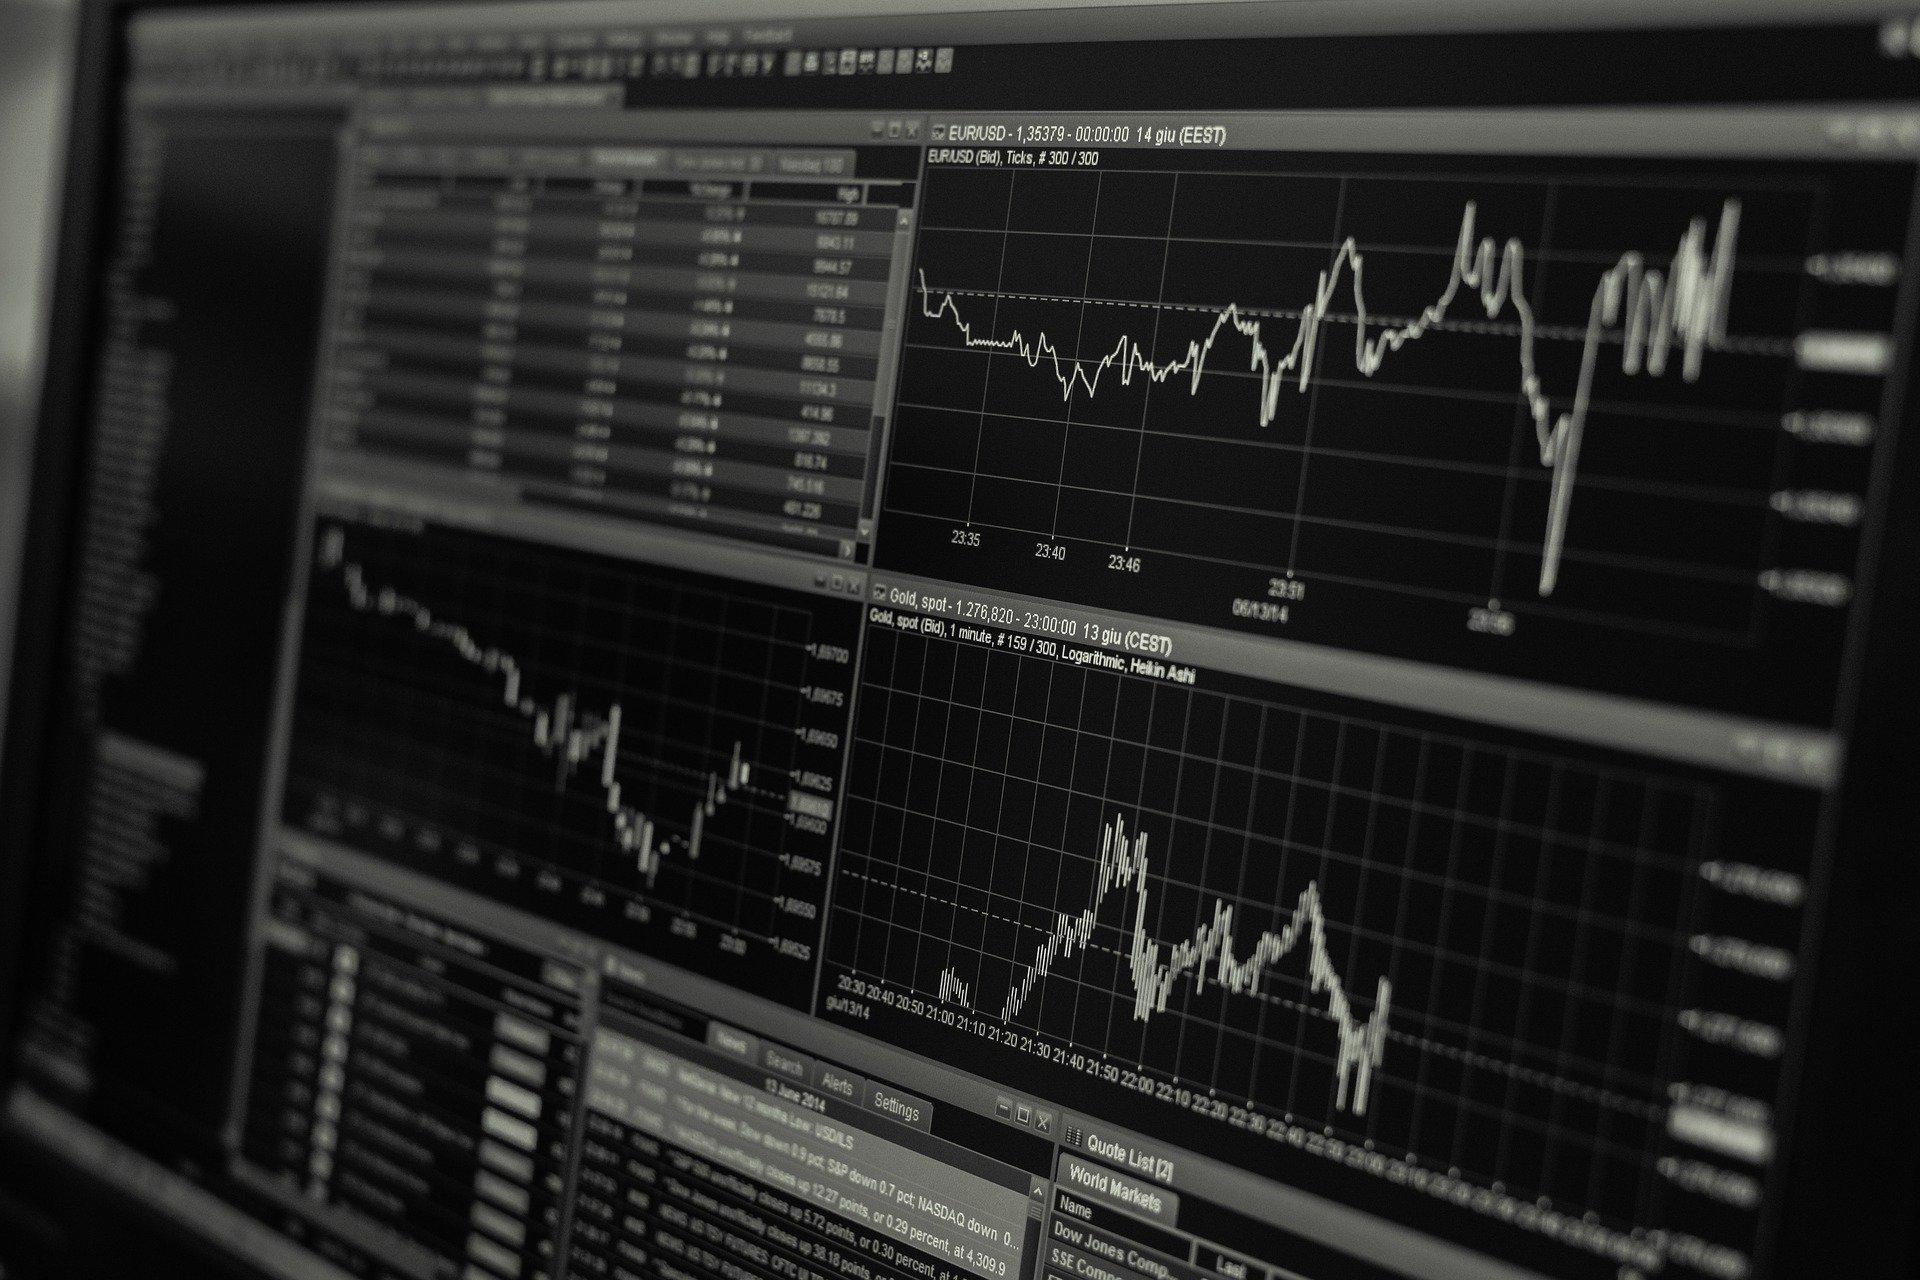 株価の推移が表示されたモニター画面